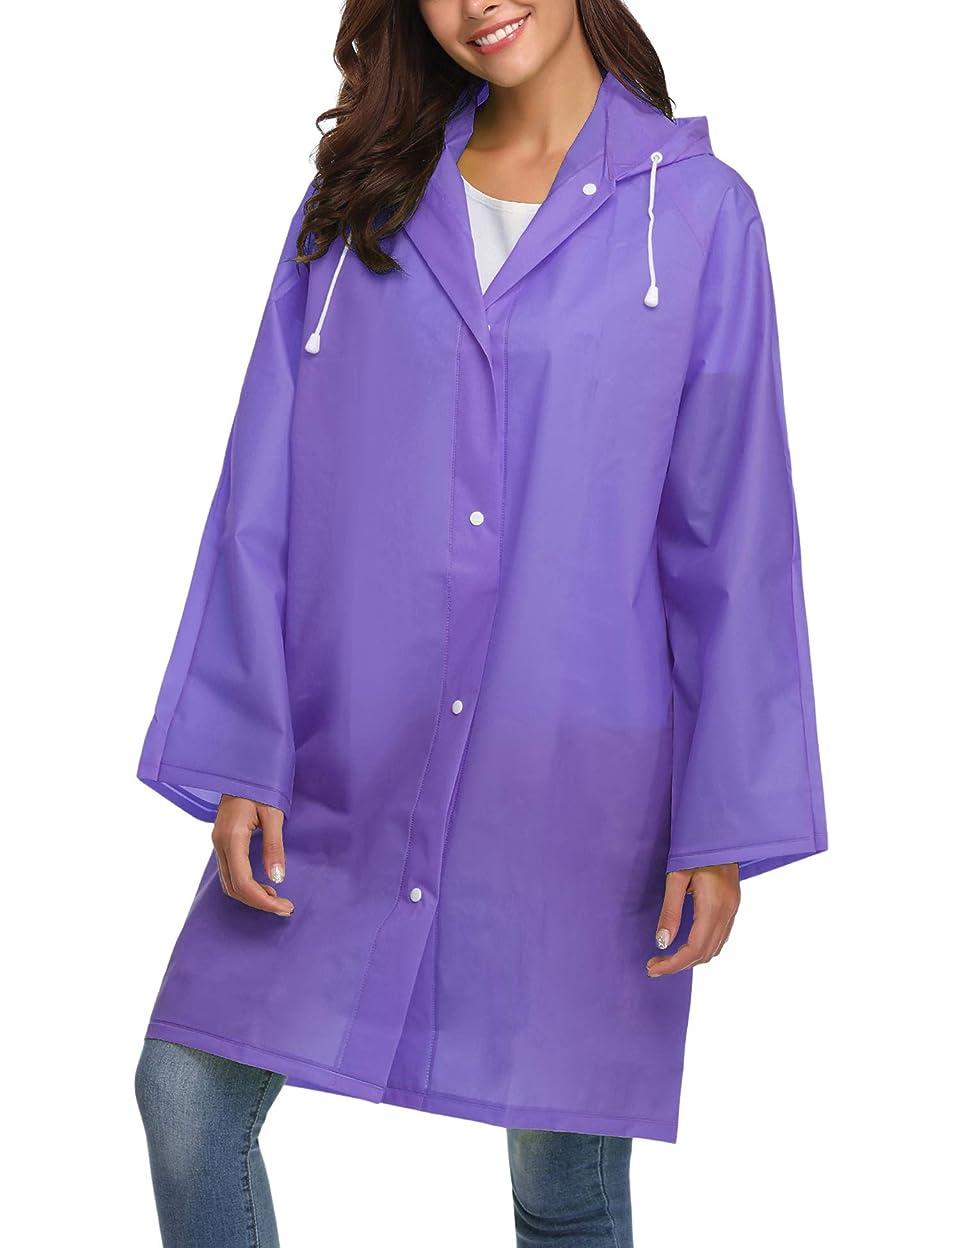 祖先便利無謀iColorlife(アイカラーライフ)軽量 レインコート メンズ レディース兼用 レインポンチョ 雨具 男女兼用 通勤通学 レインスーツ 収納袋付き